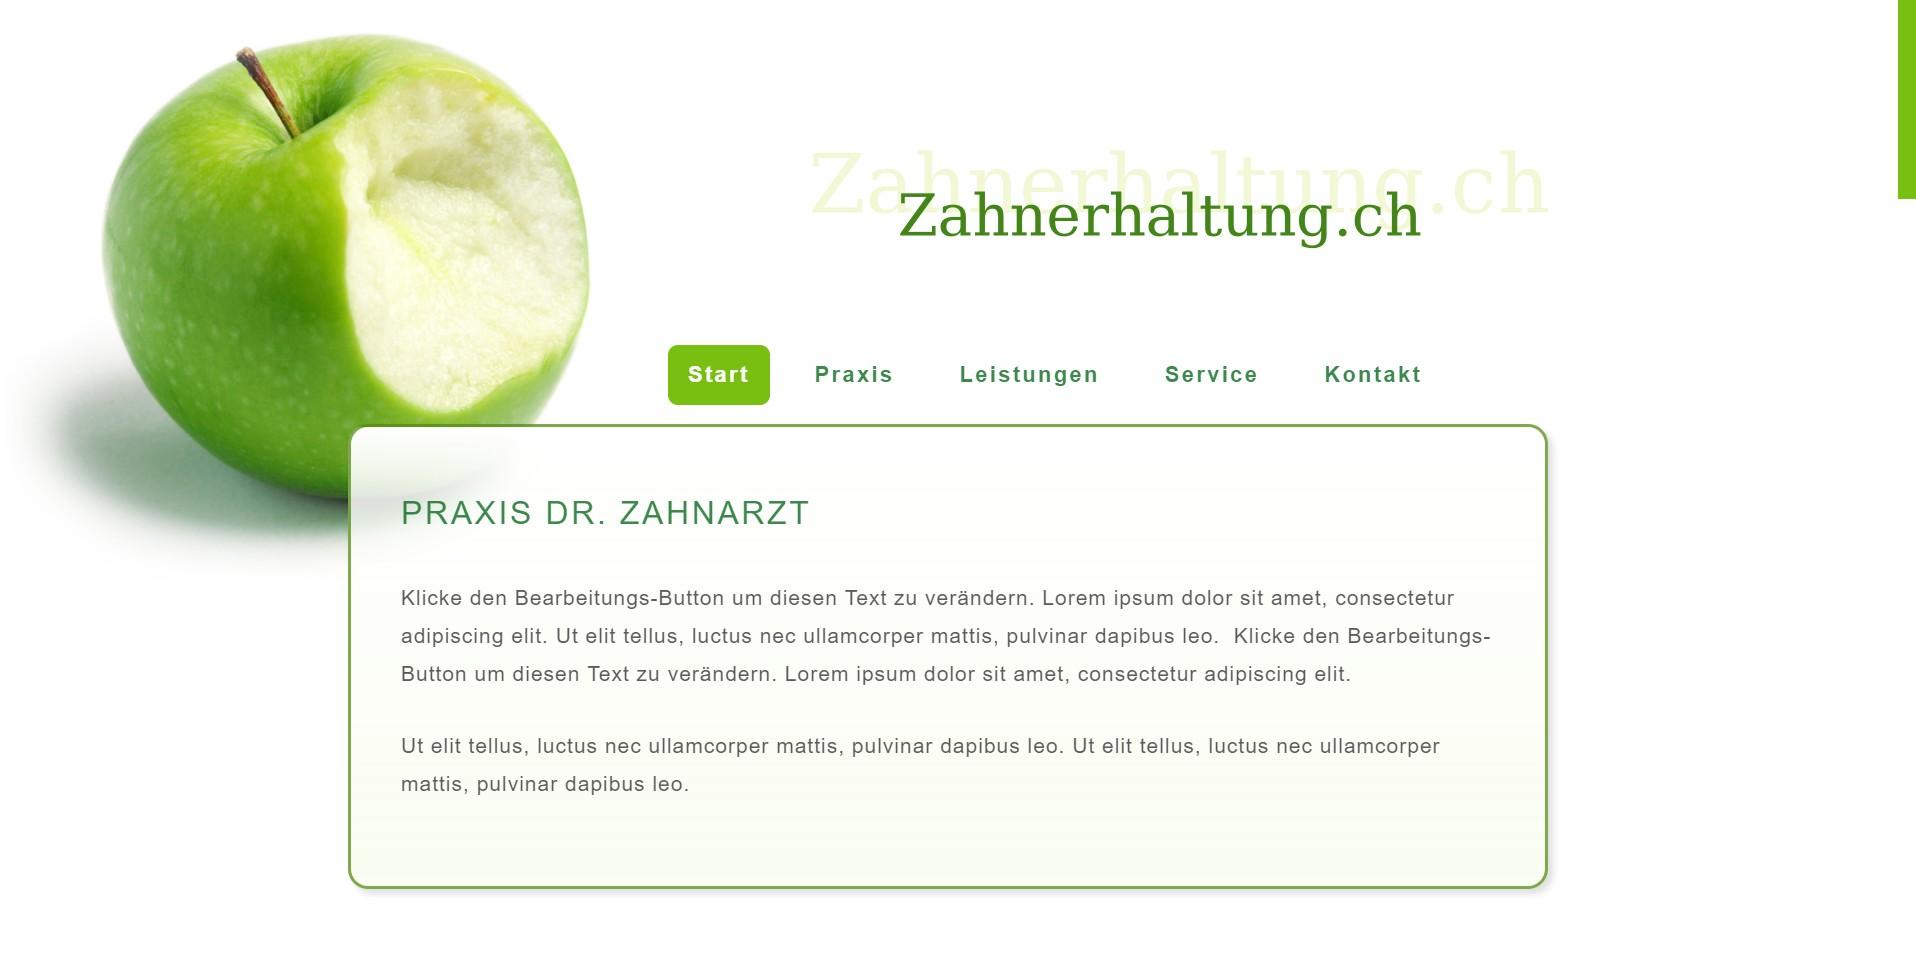 Zahnerhaltung.ch